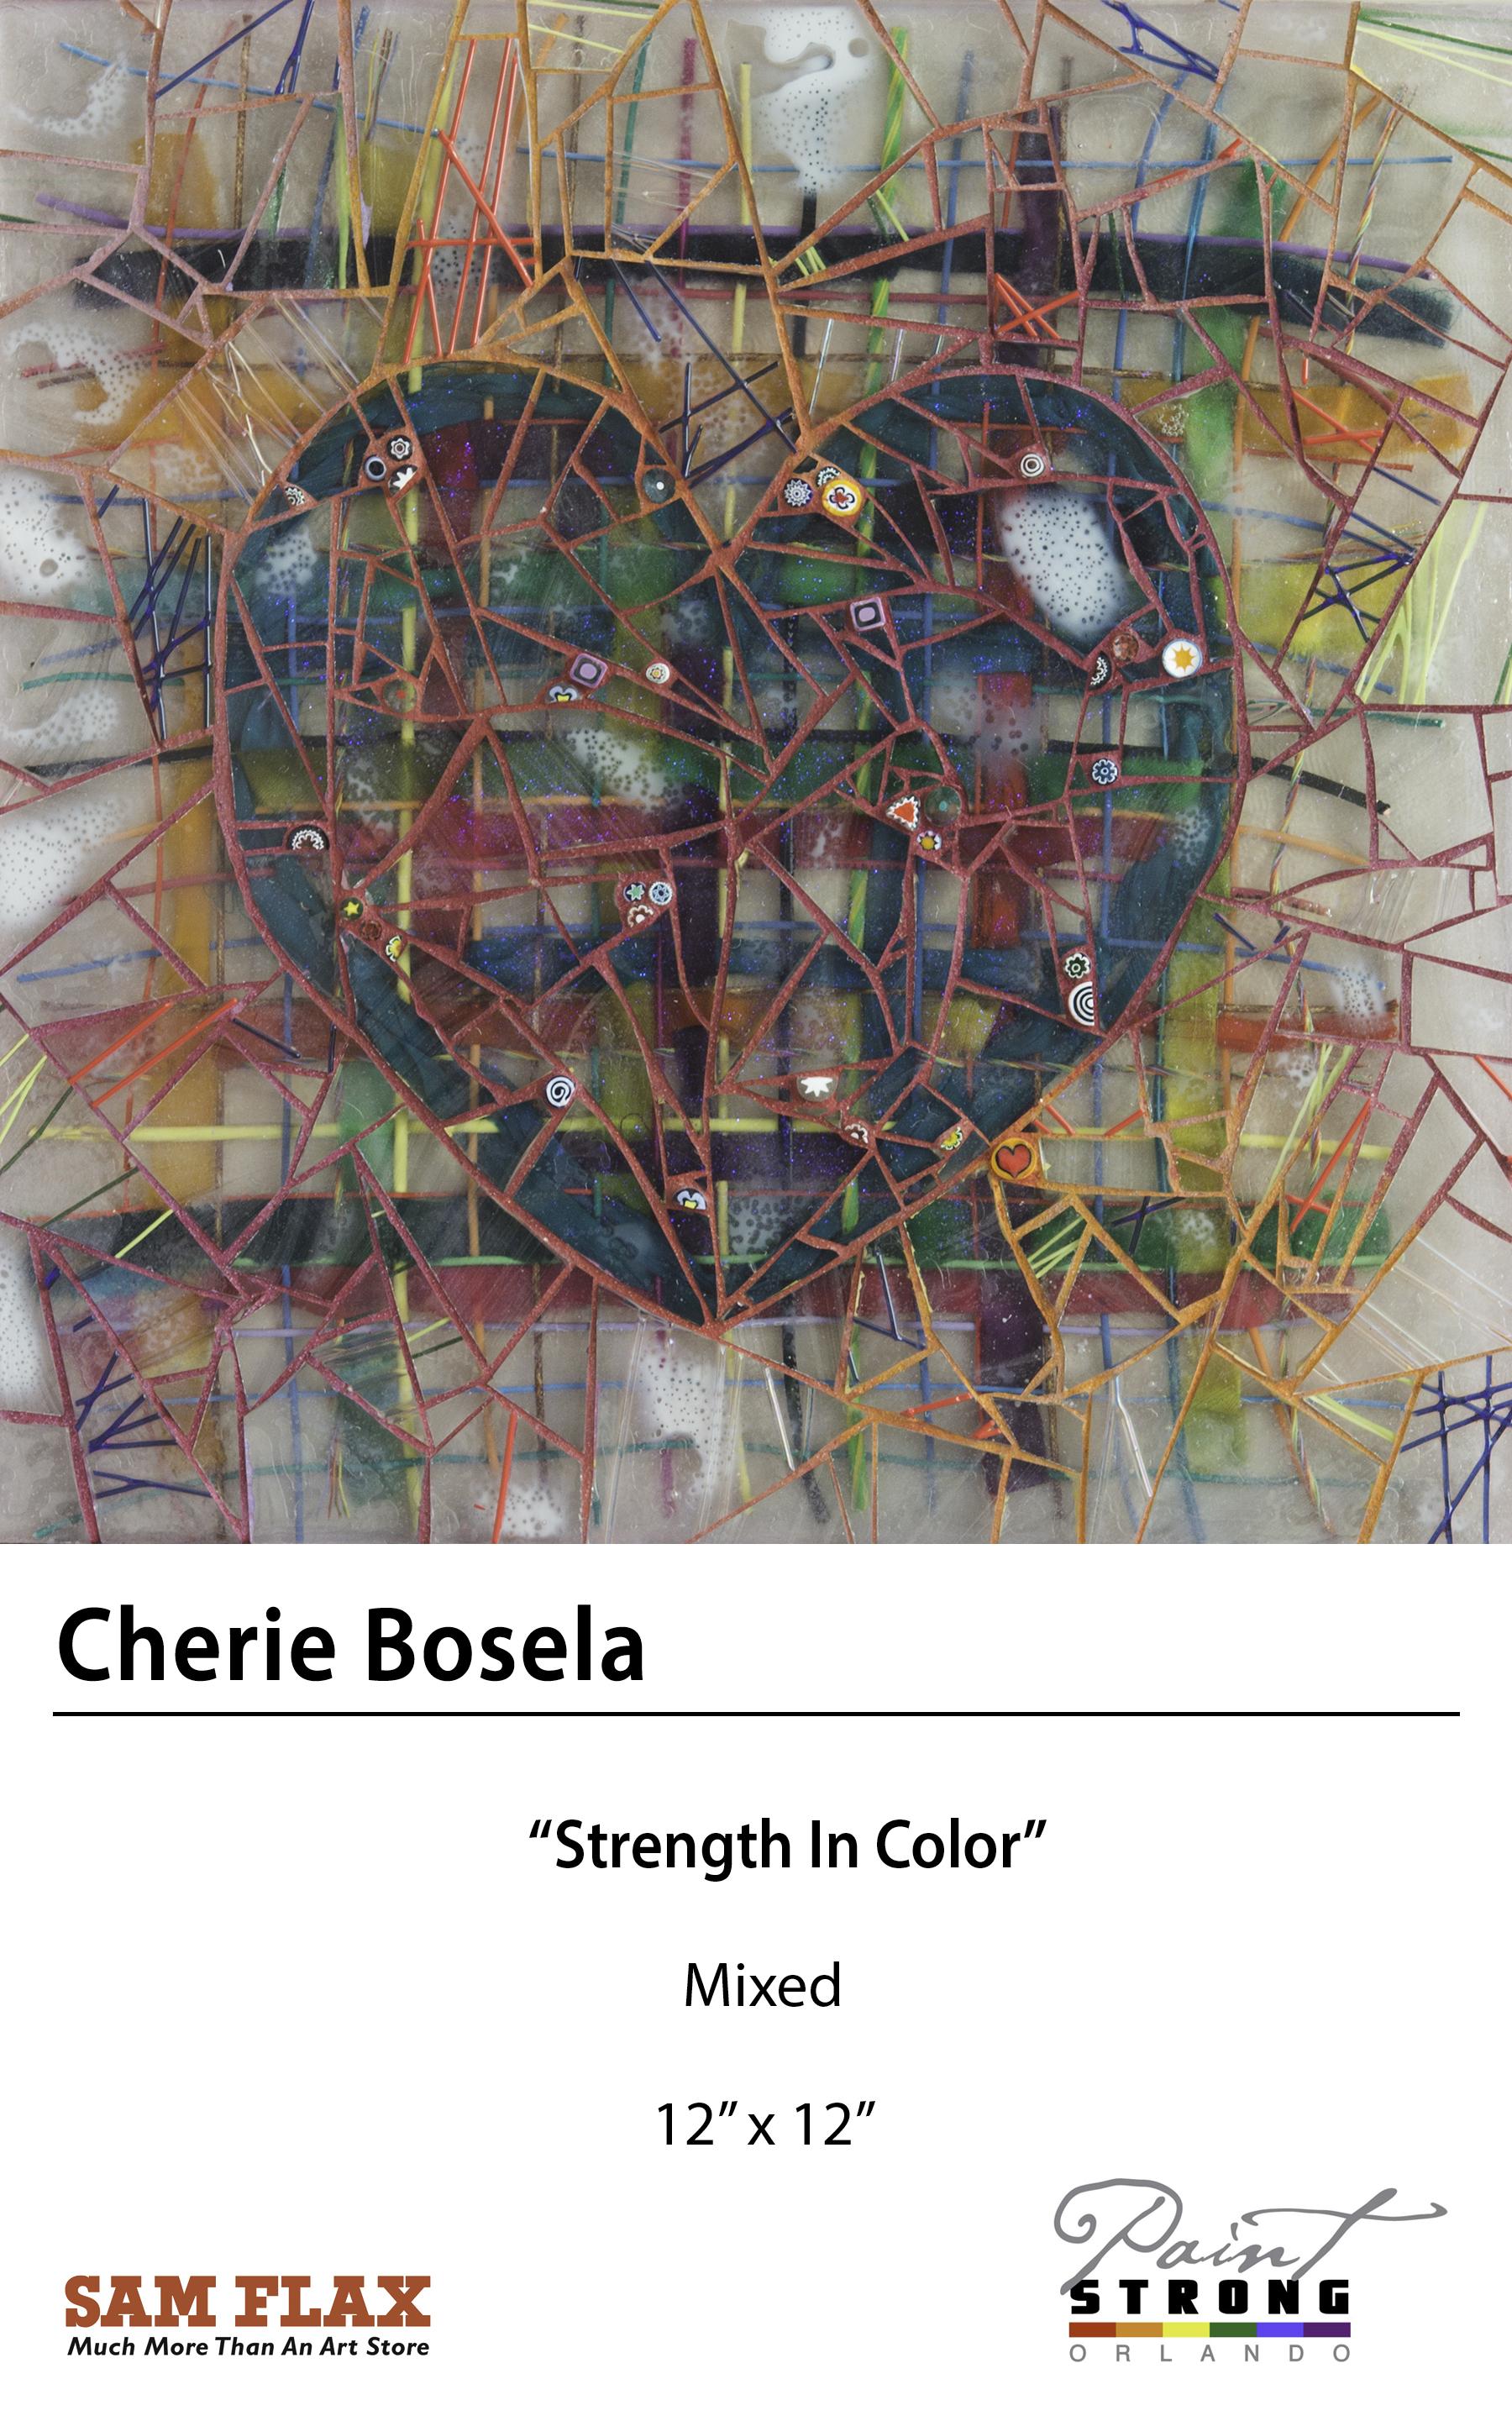 Cherie Bosela